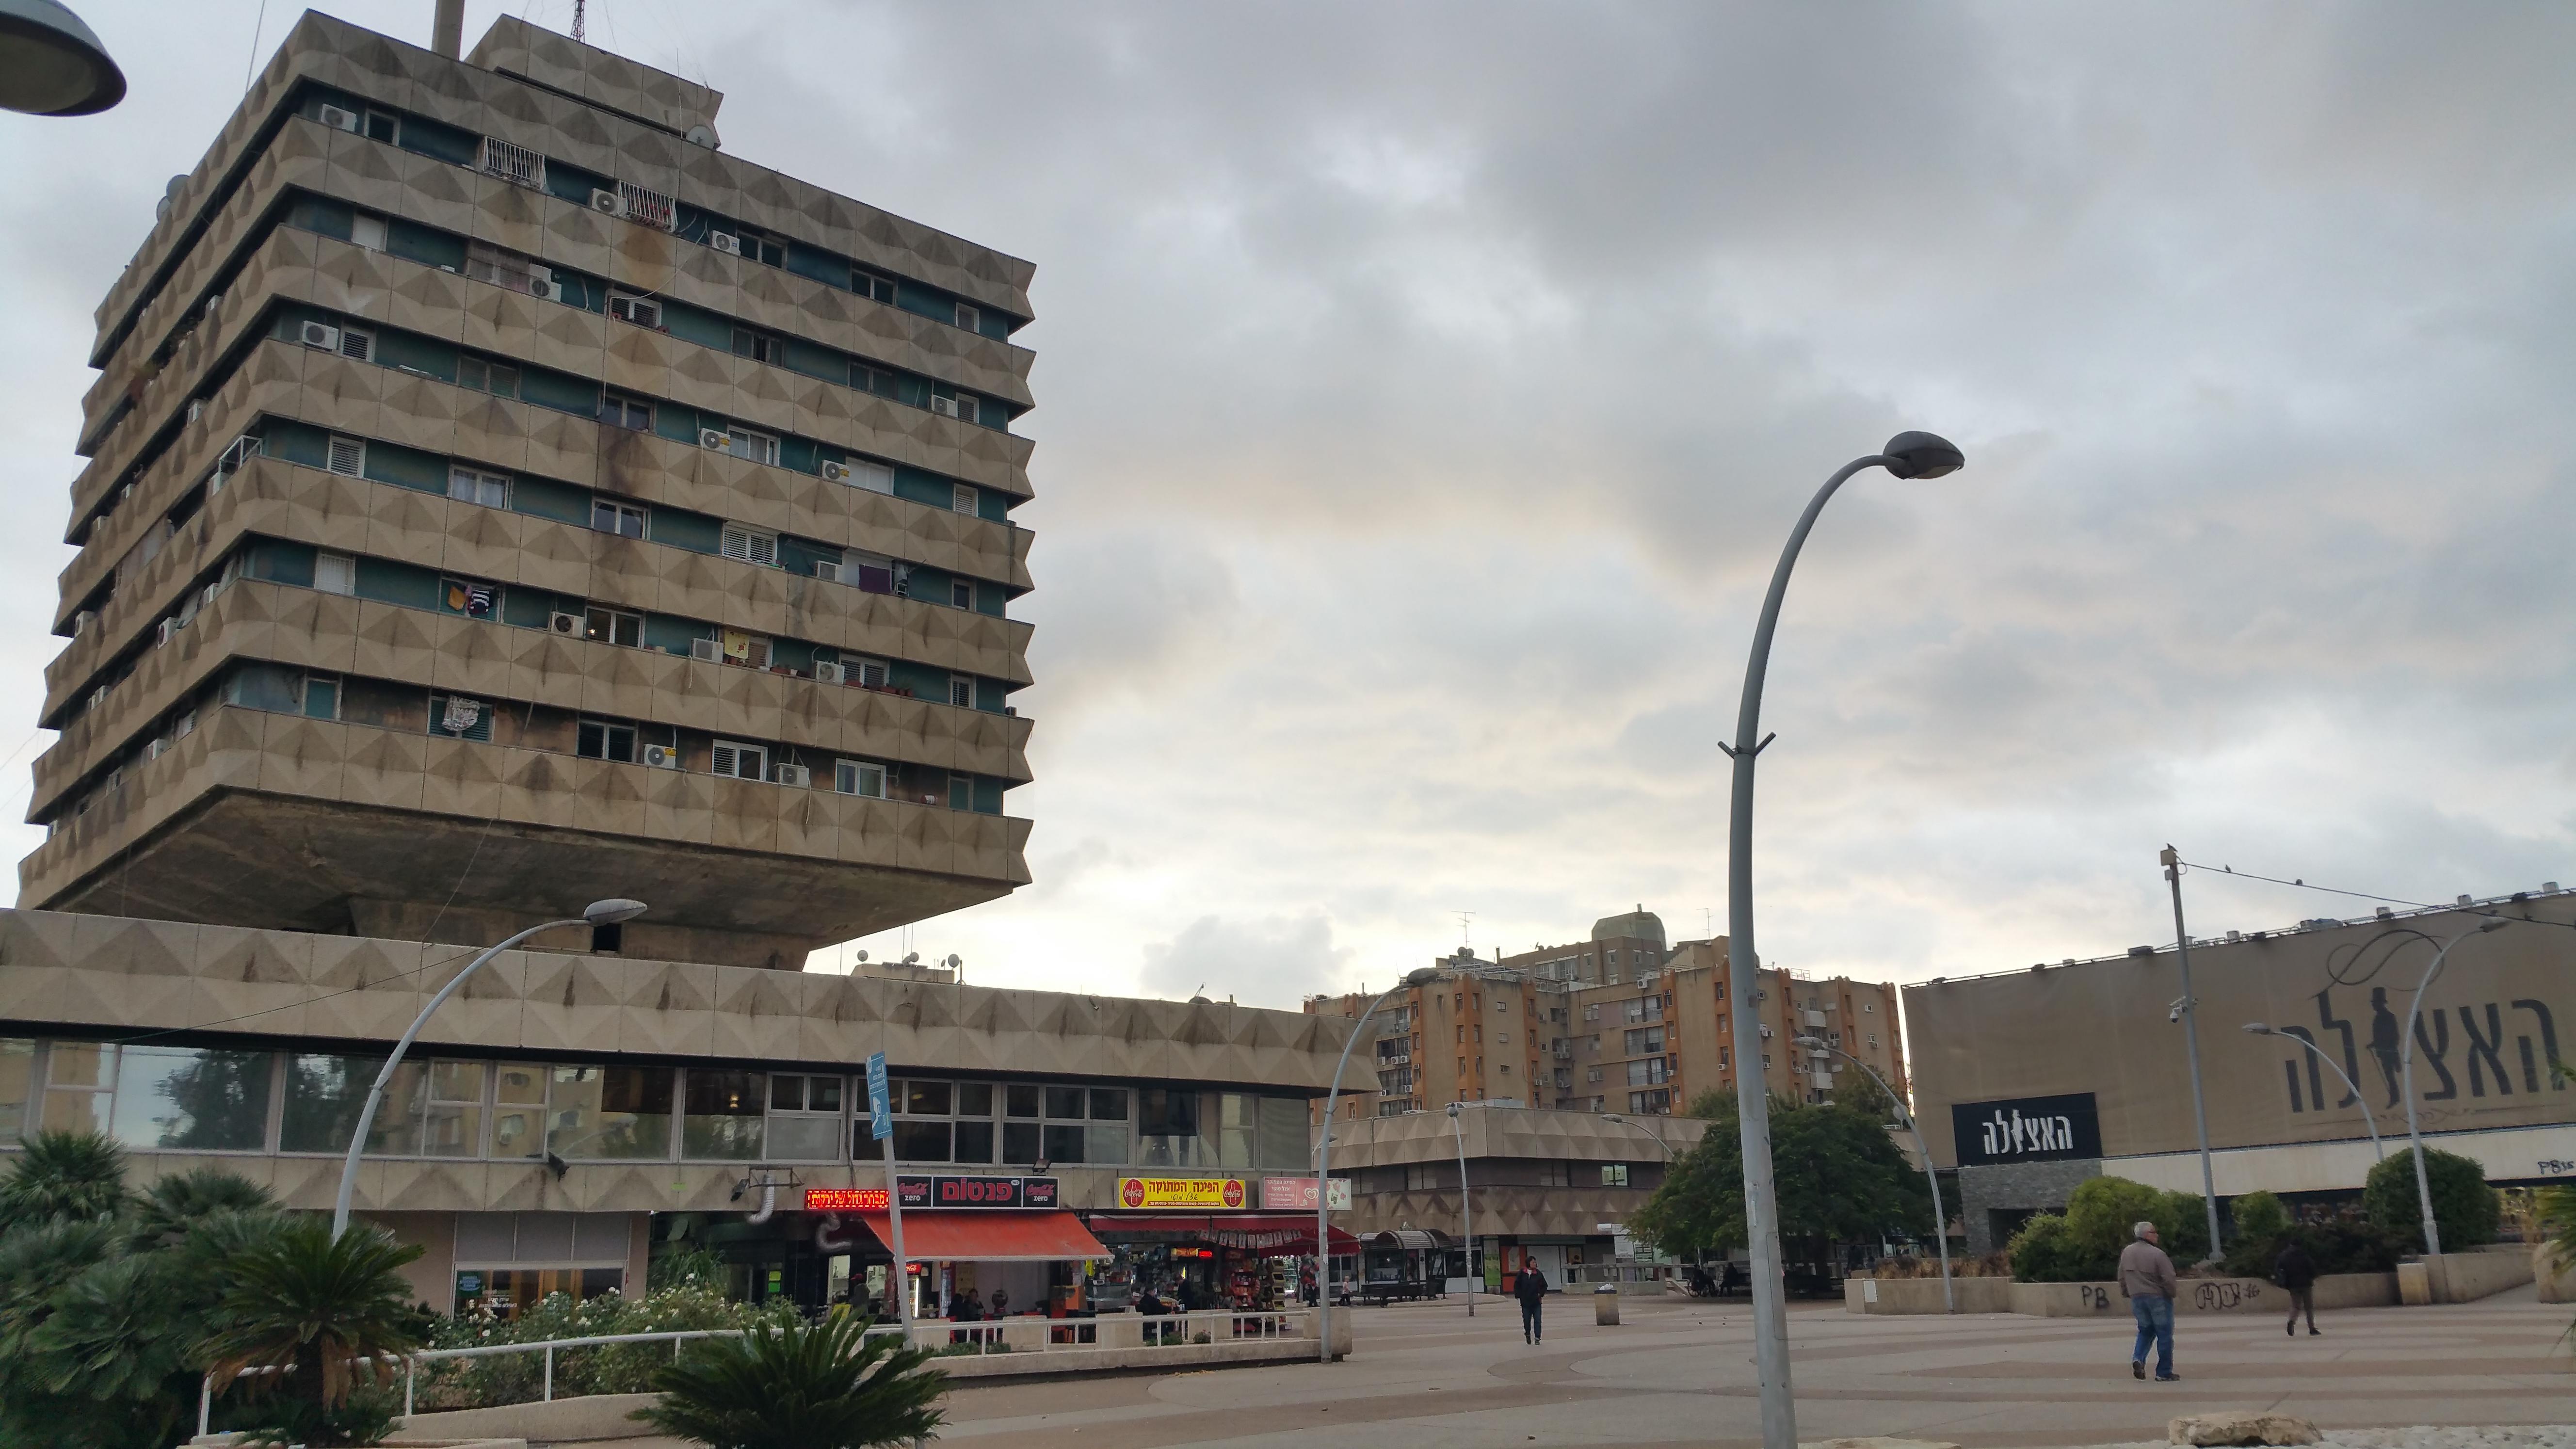 כיכר סירן בחולון בצל השקיעה. צילום: יואב בן פורת